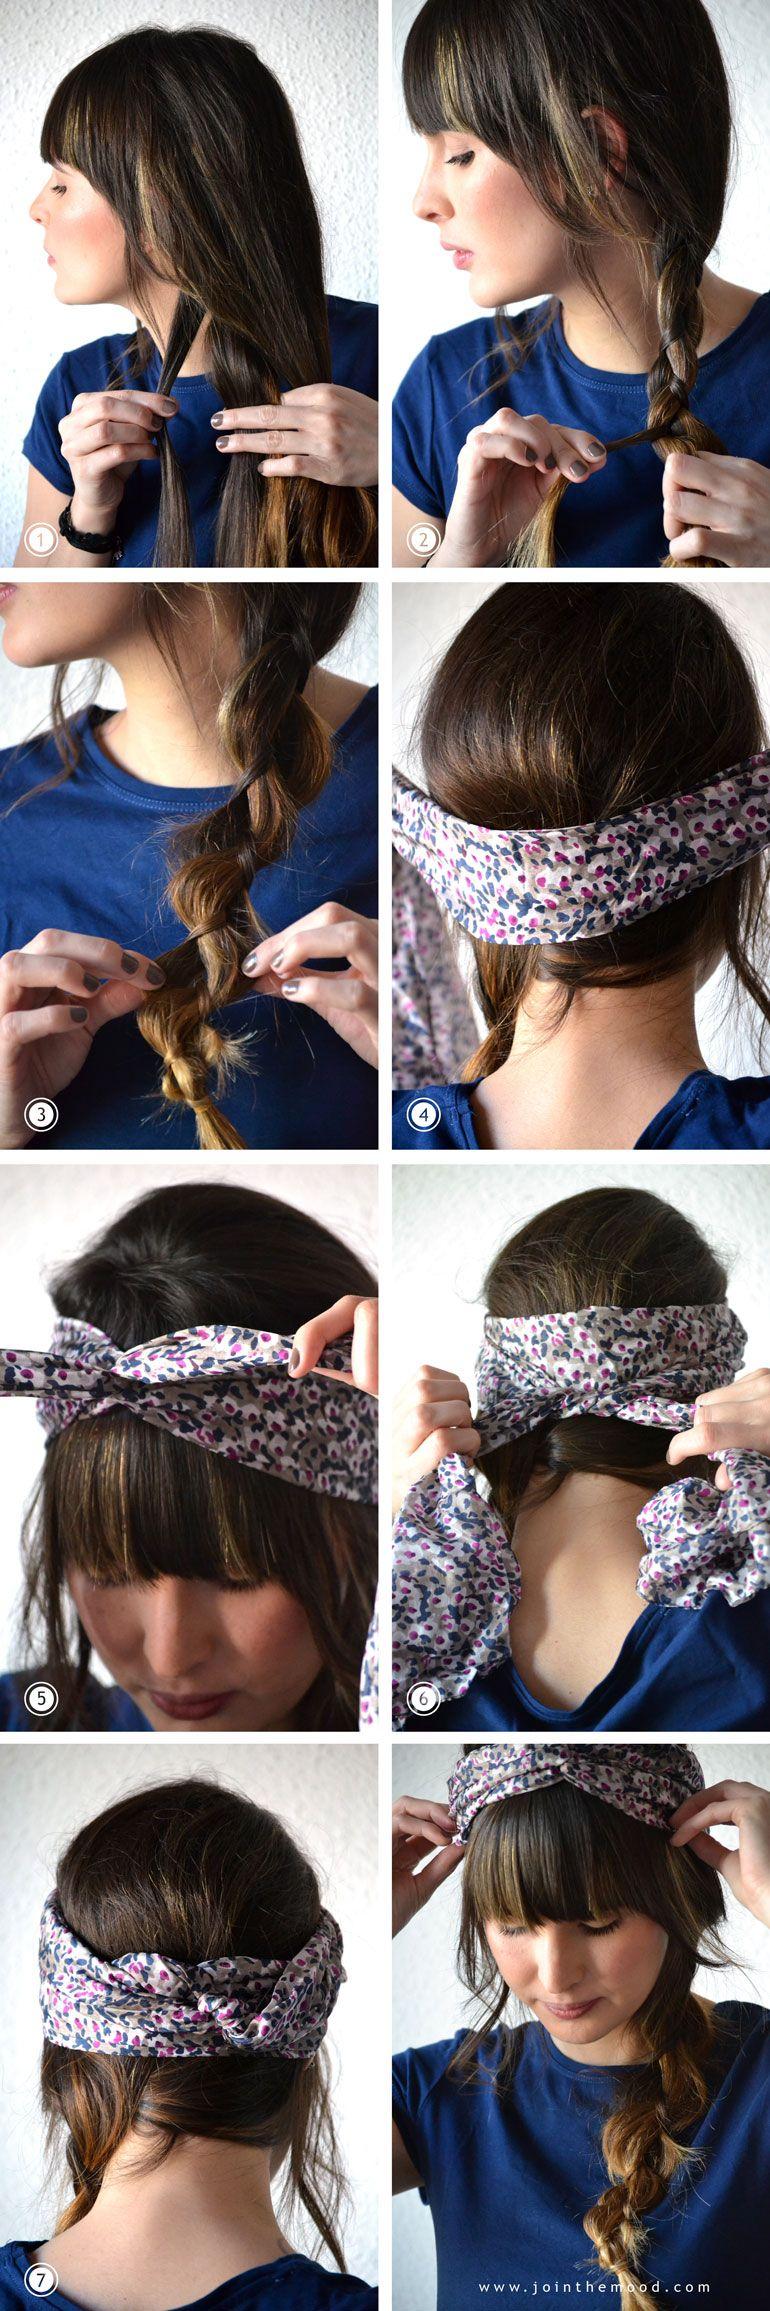 Comment nouer un foulard dans ses cheveux avec style